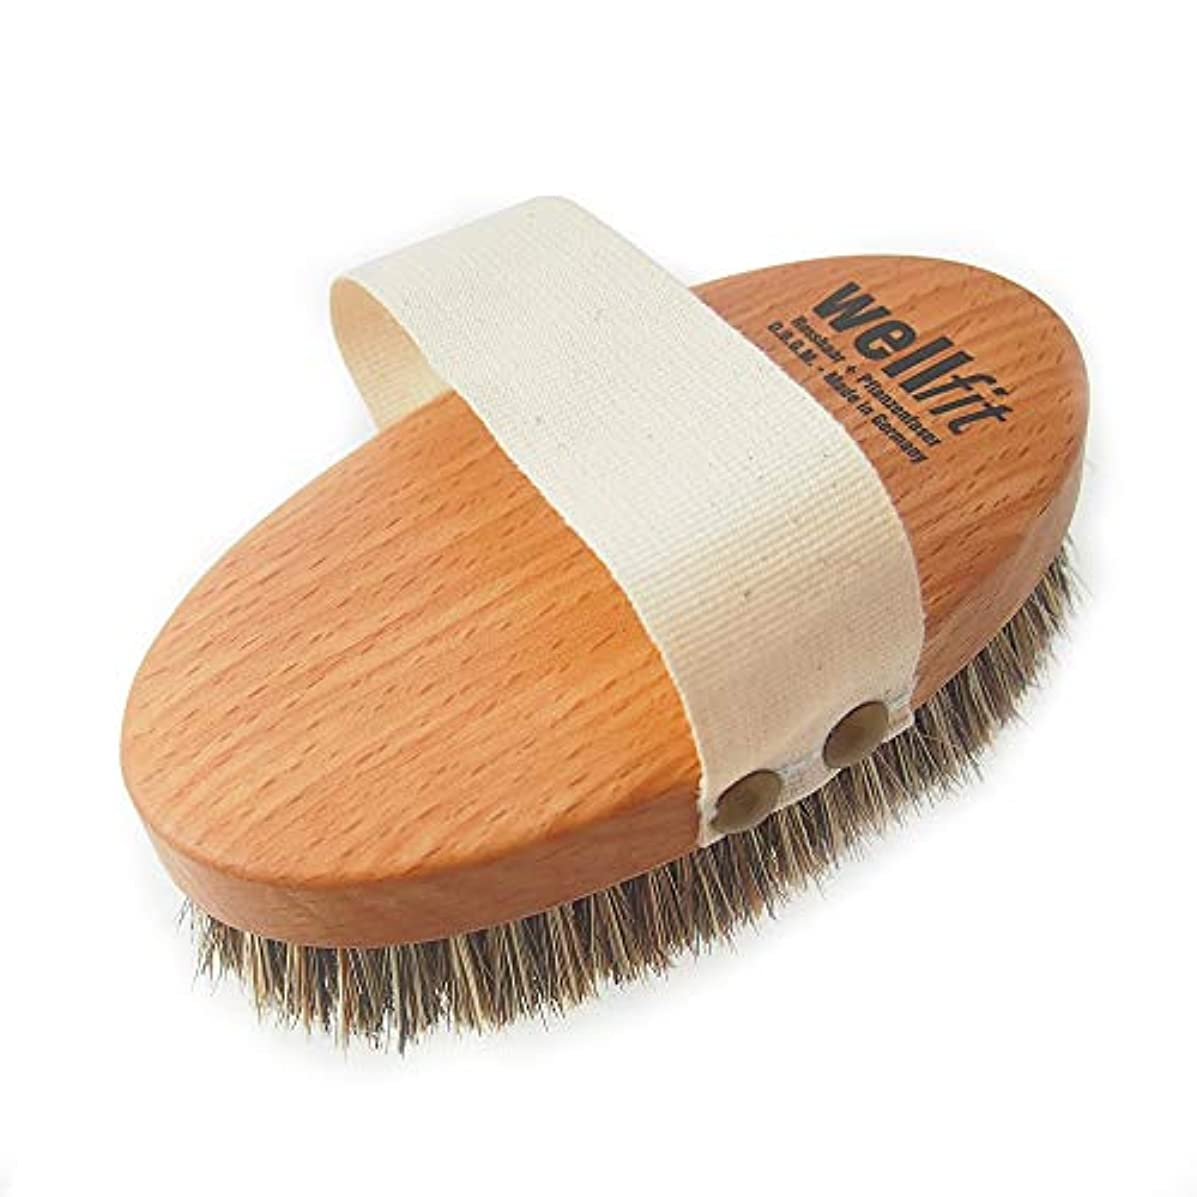 ハプニング無線服を片付けるレデッカー Redecker マッサージブラシ(ミディアムハード 馬毛と植物毛の混毛植毛) 正規品